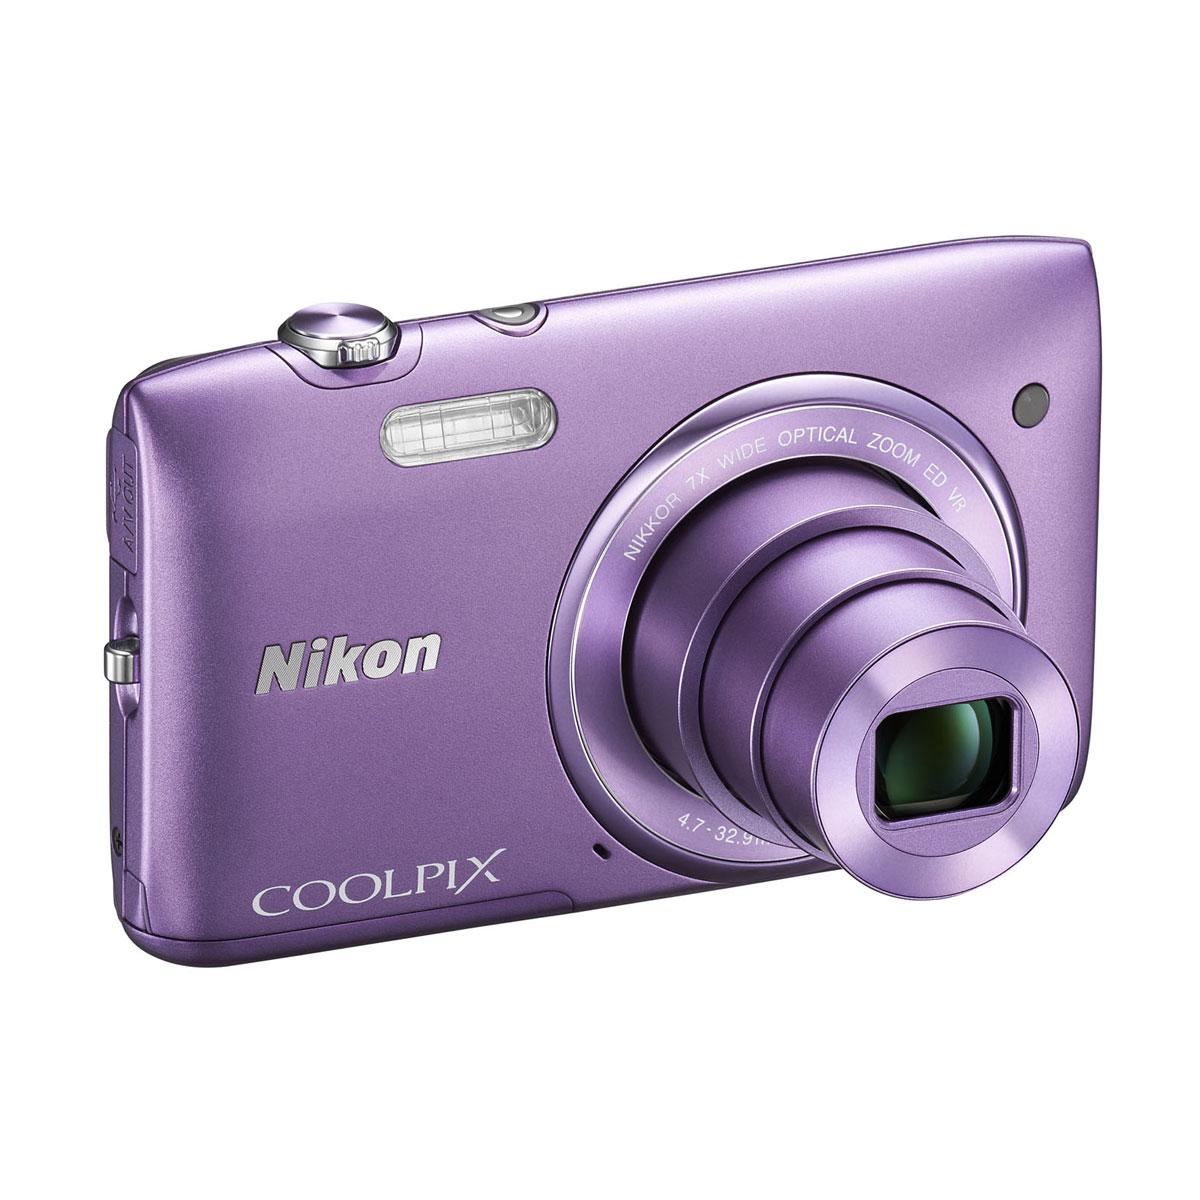 nikon coolpix s3500 violet appareil photo num rique nikon sur. Black Bedroom Furniture Sets. Home Design Ideas